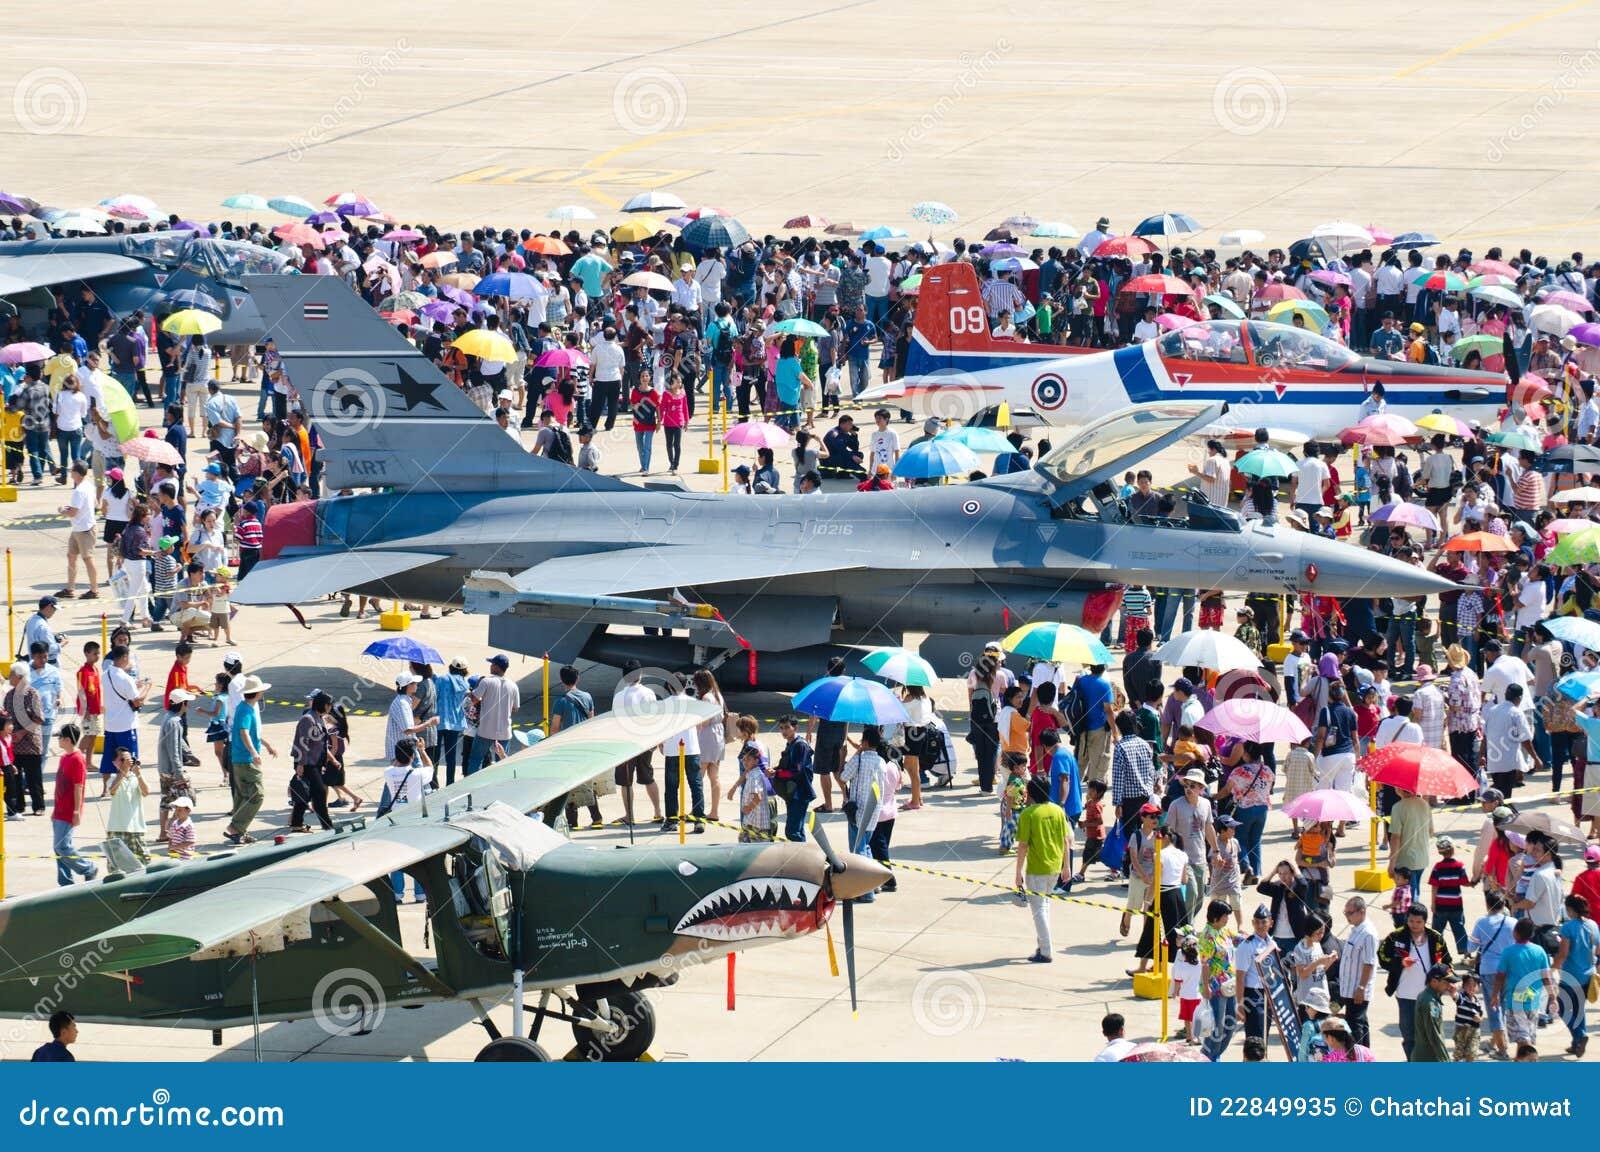 Escenas de aviones